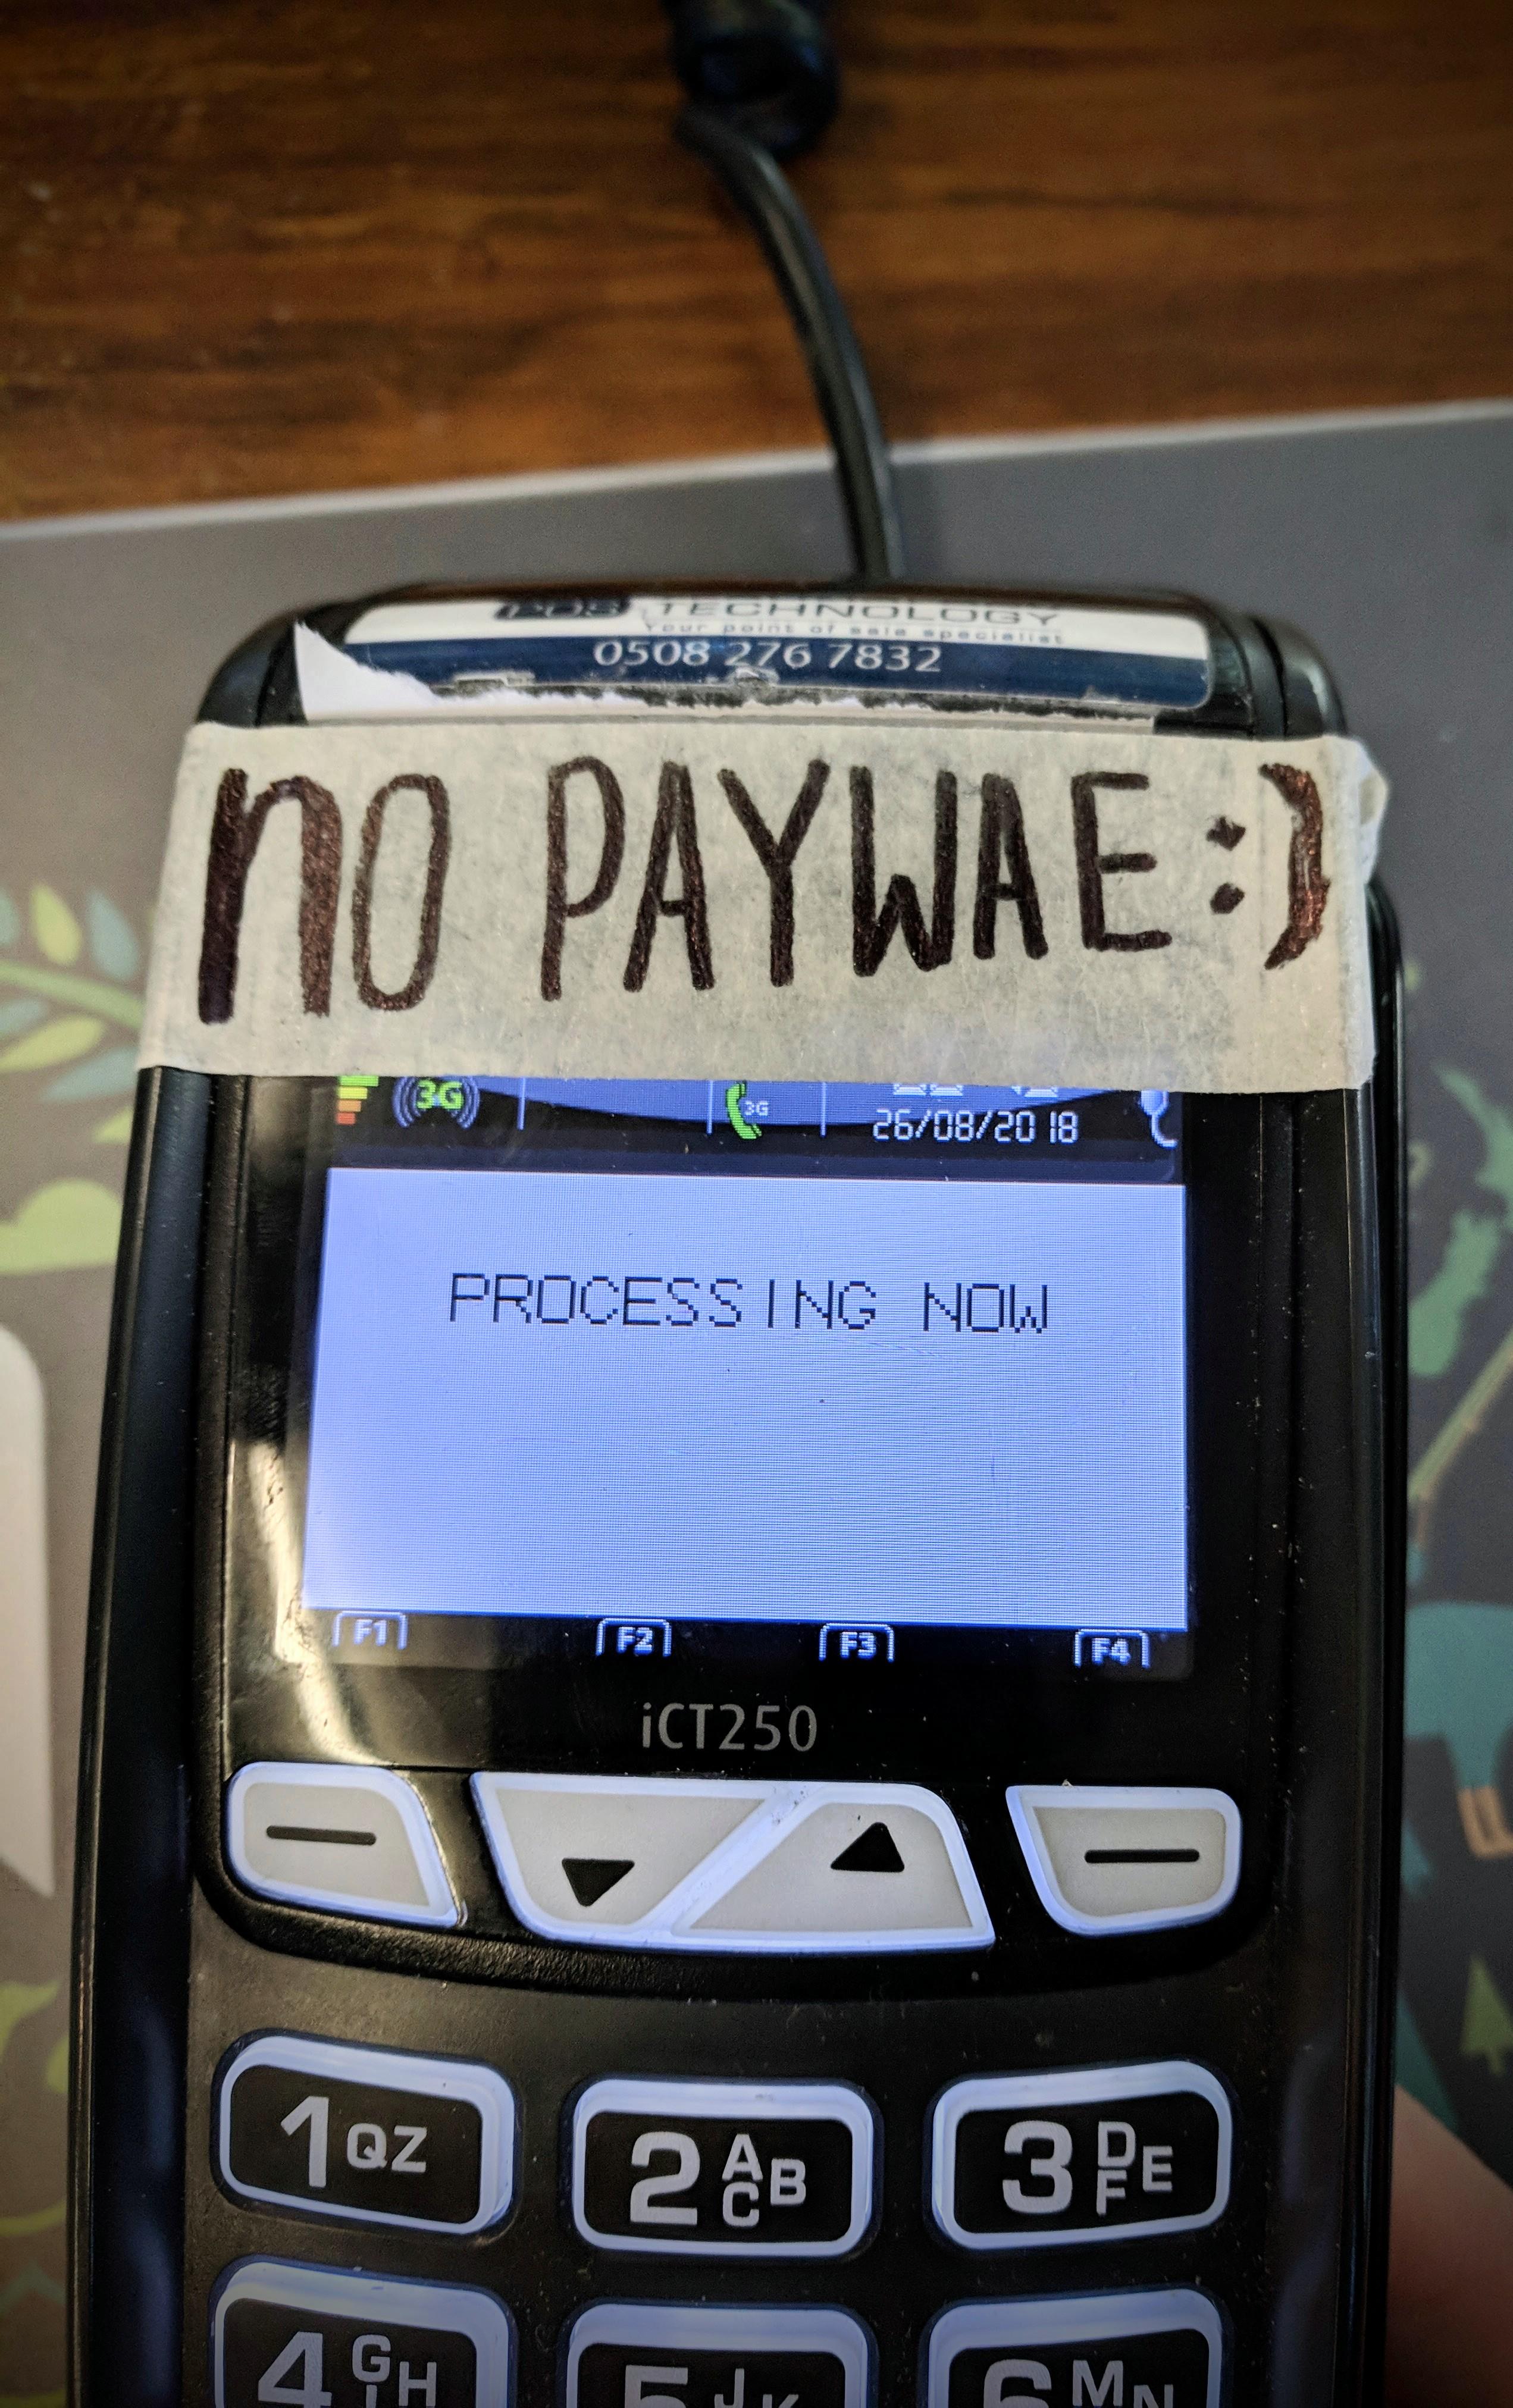 'No paywave' sign